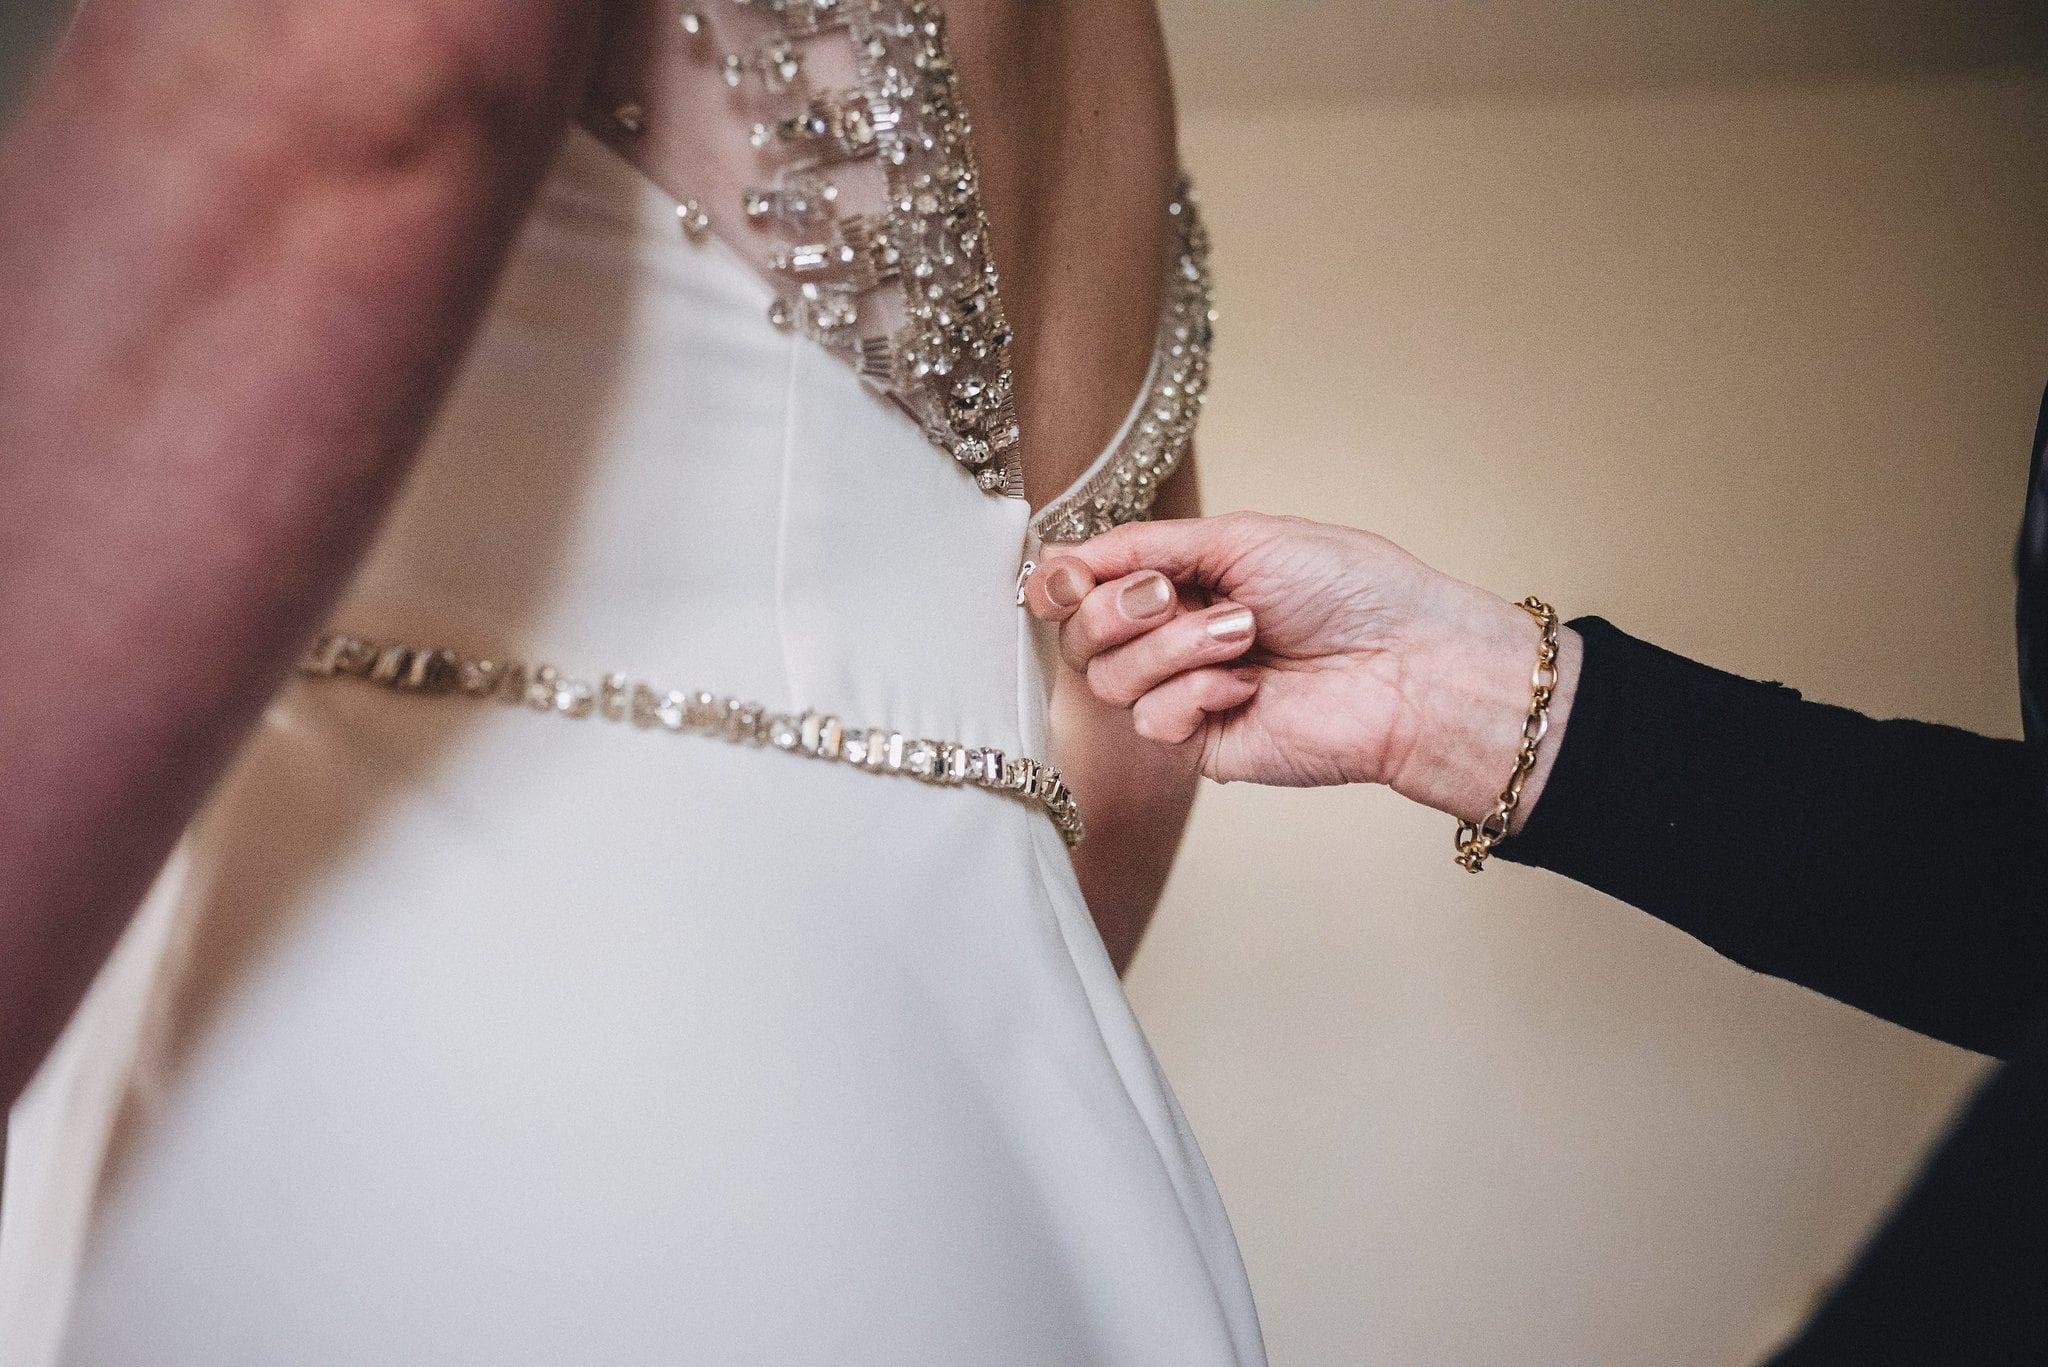 Bride's mother zips her into her wedding dress